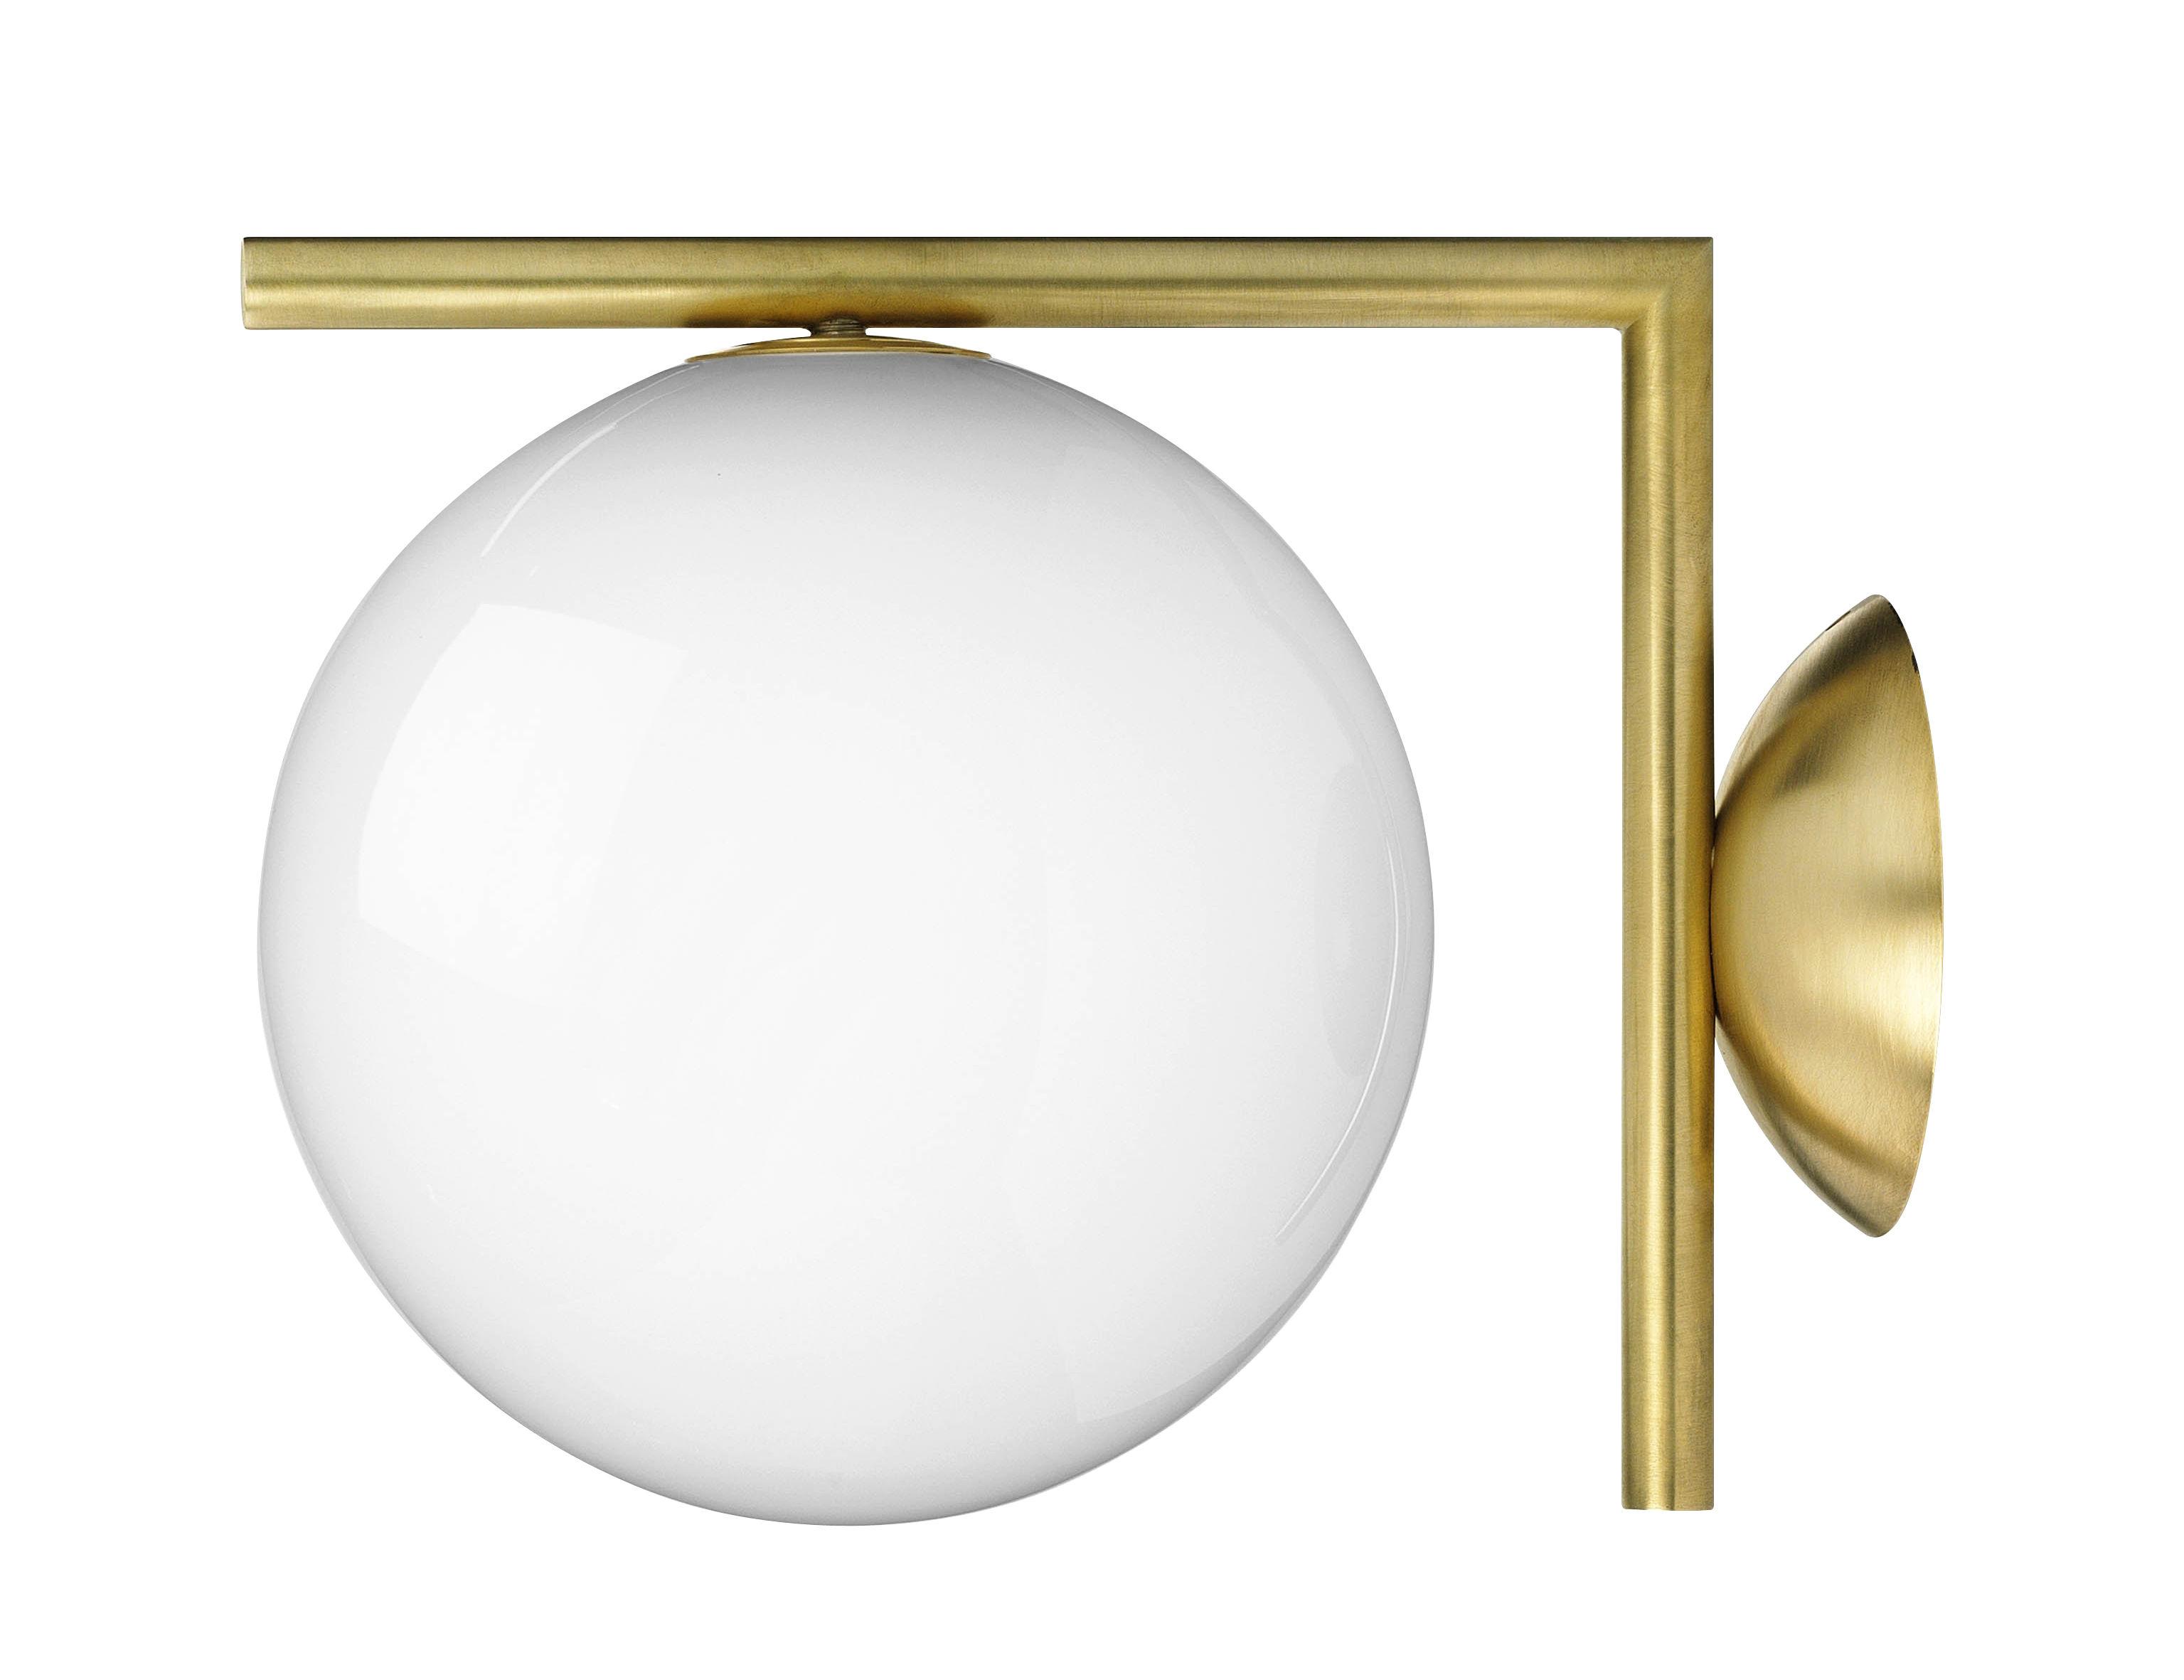 Leuchten - Wandleuchten - IC W1 Wandleuchte / Ø 20 cm - Flos - Messing - geblasenes Glas, Stahl